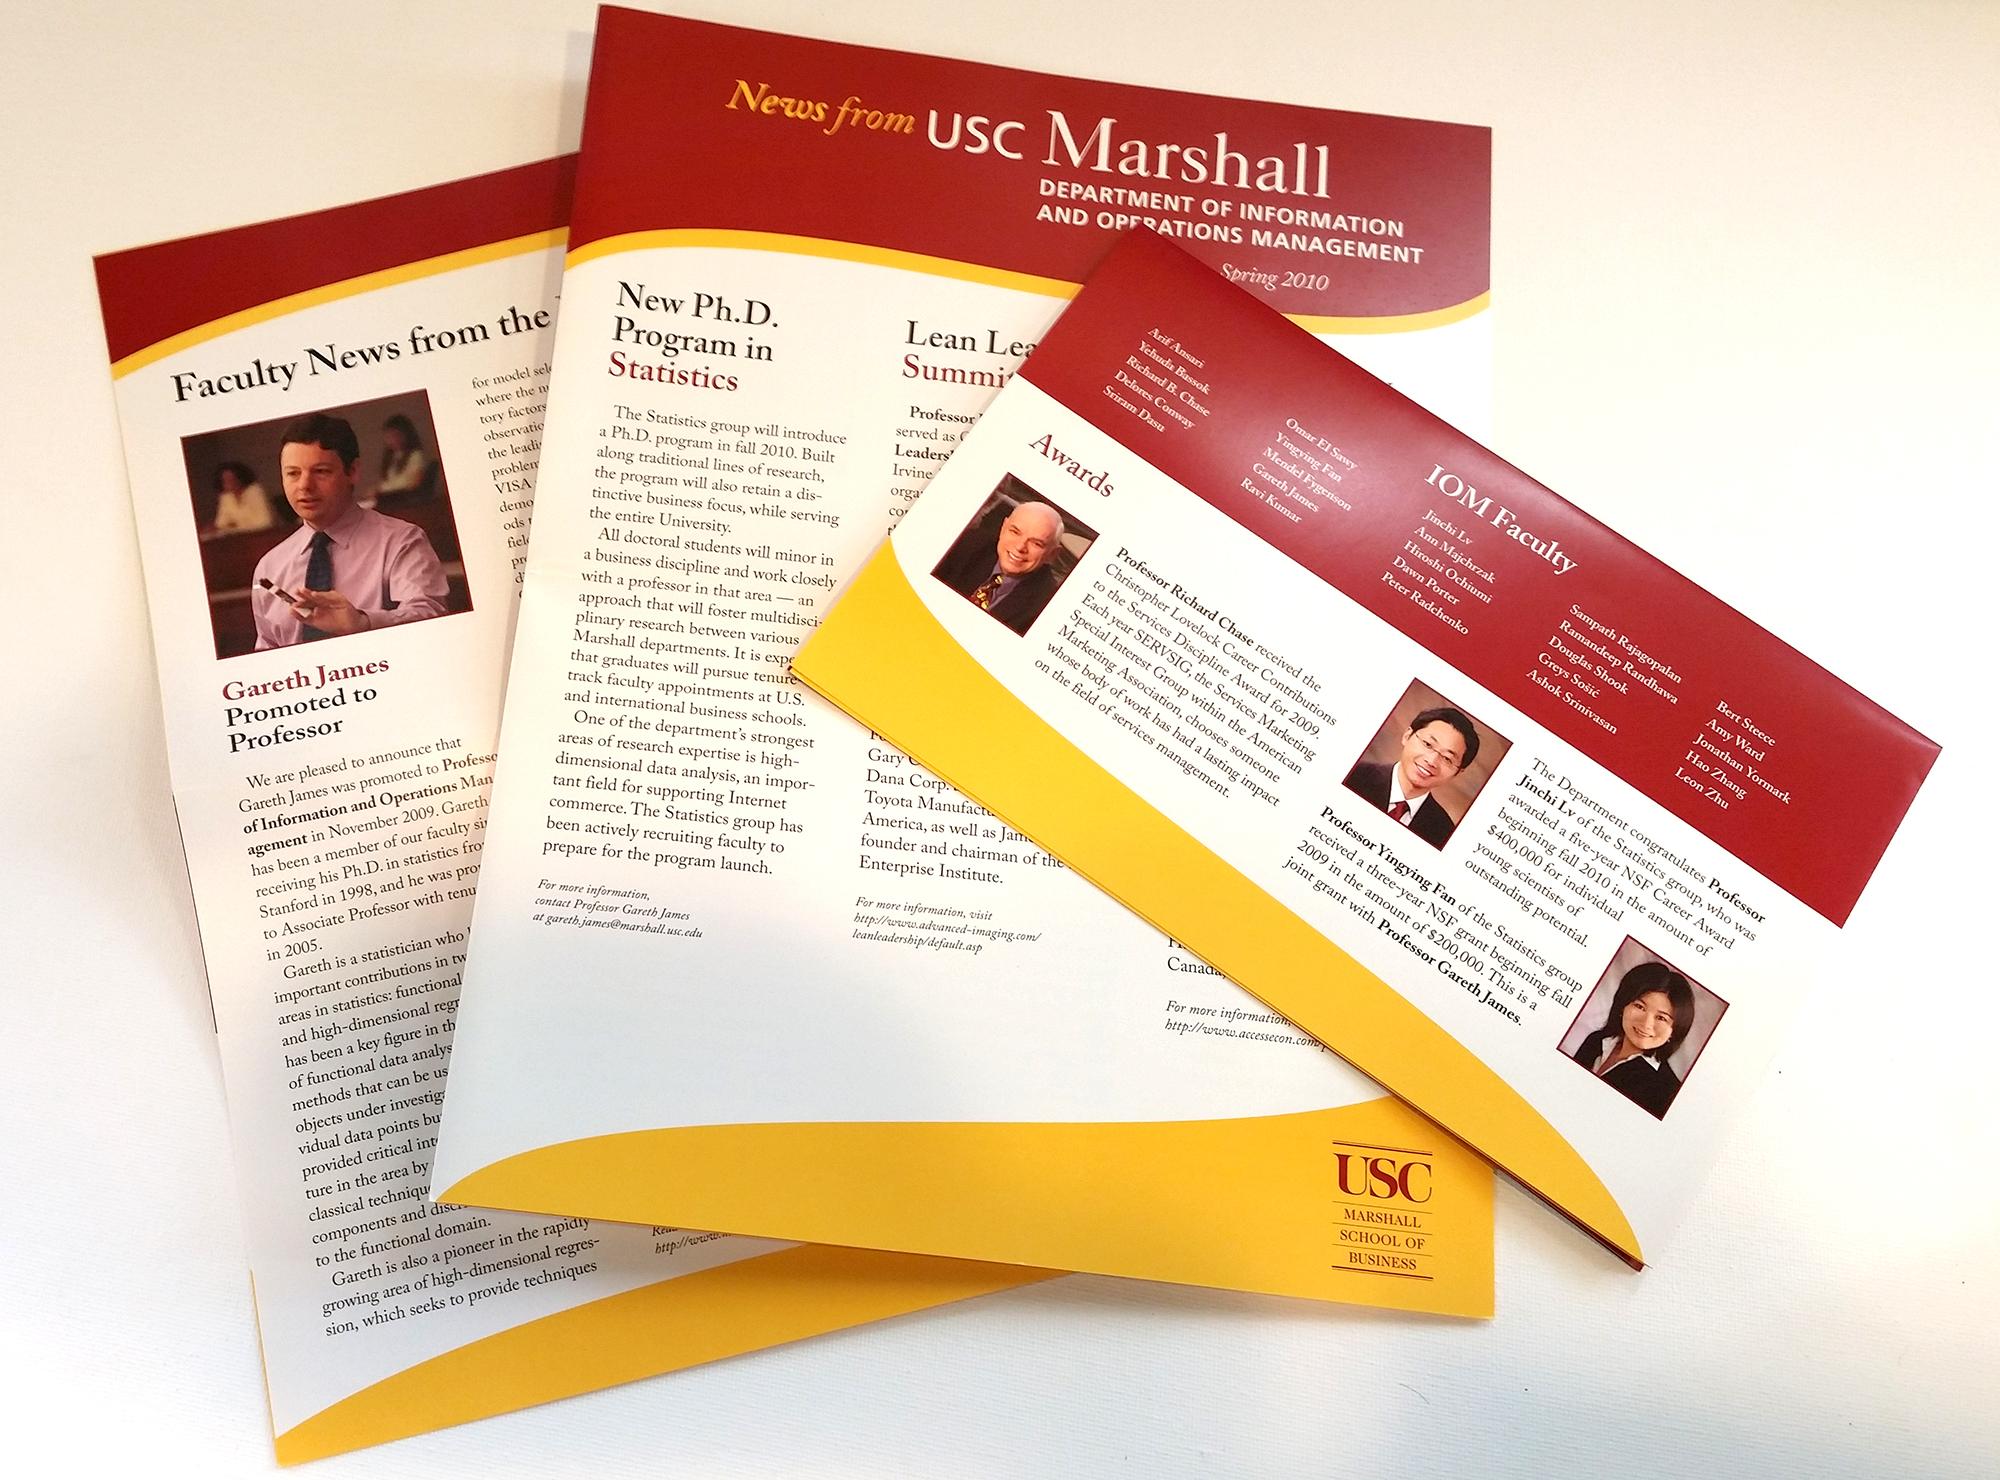 usc-marshall-newsletter